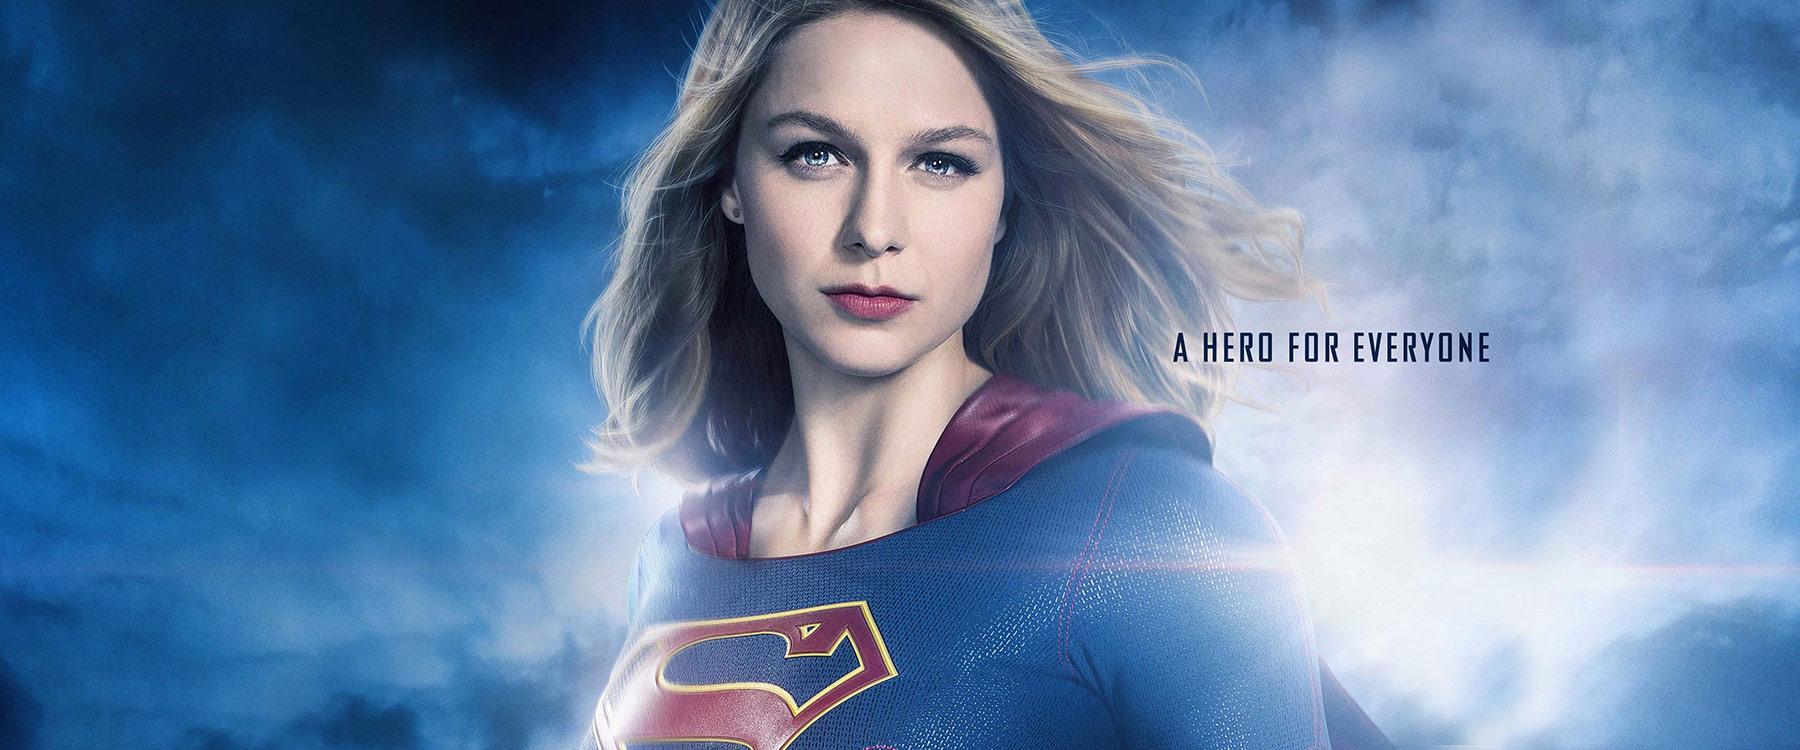 Supergirl (Supergirl) 1. évad | EPISODE.HU